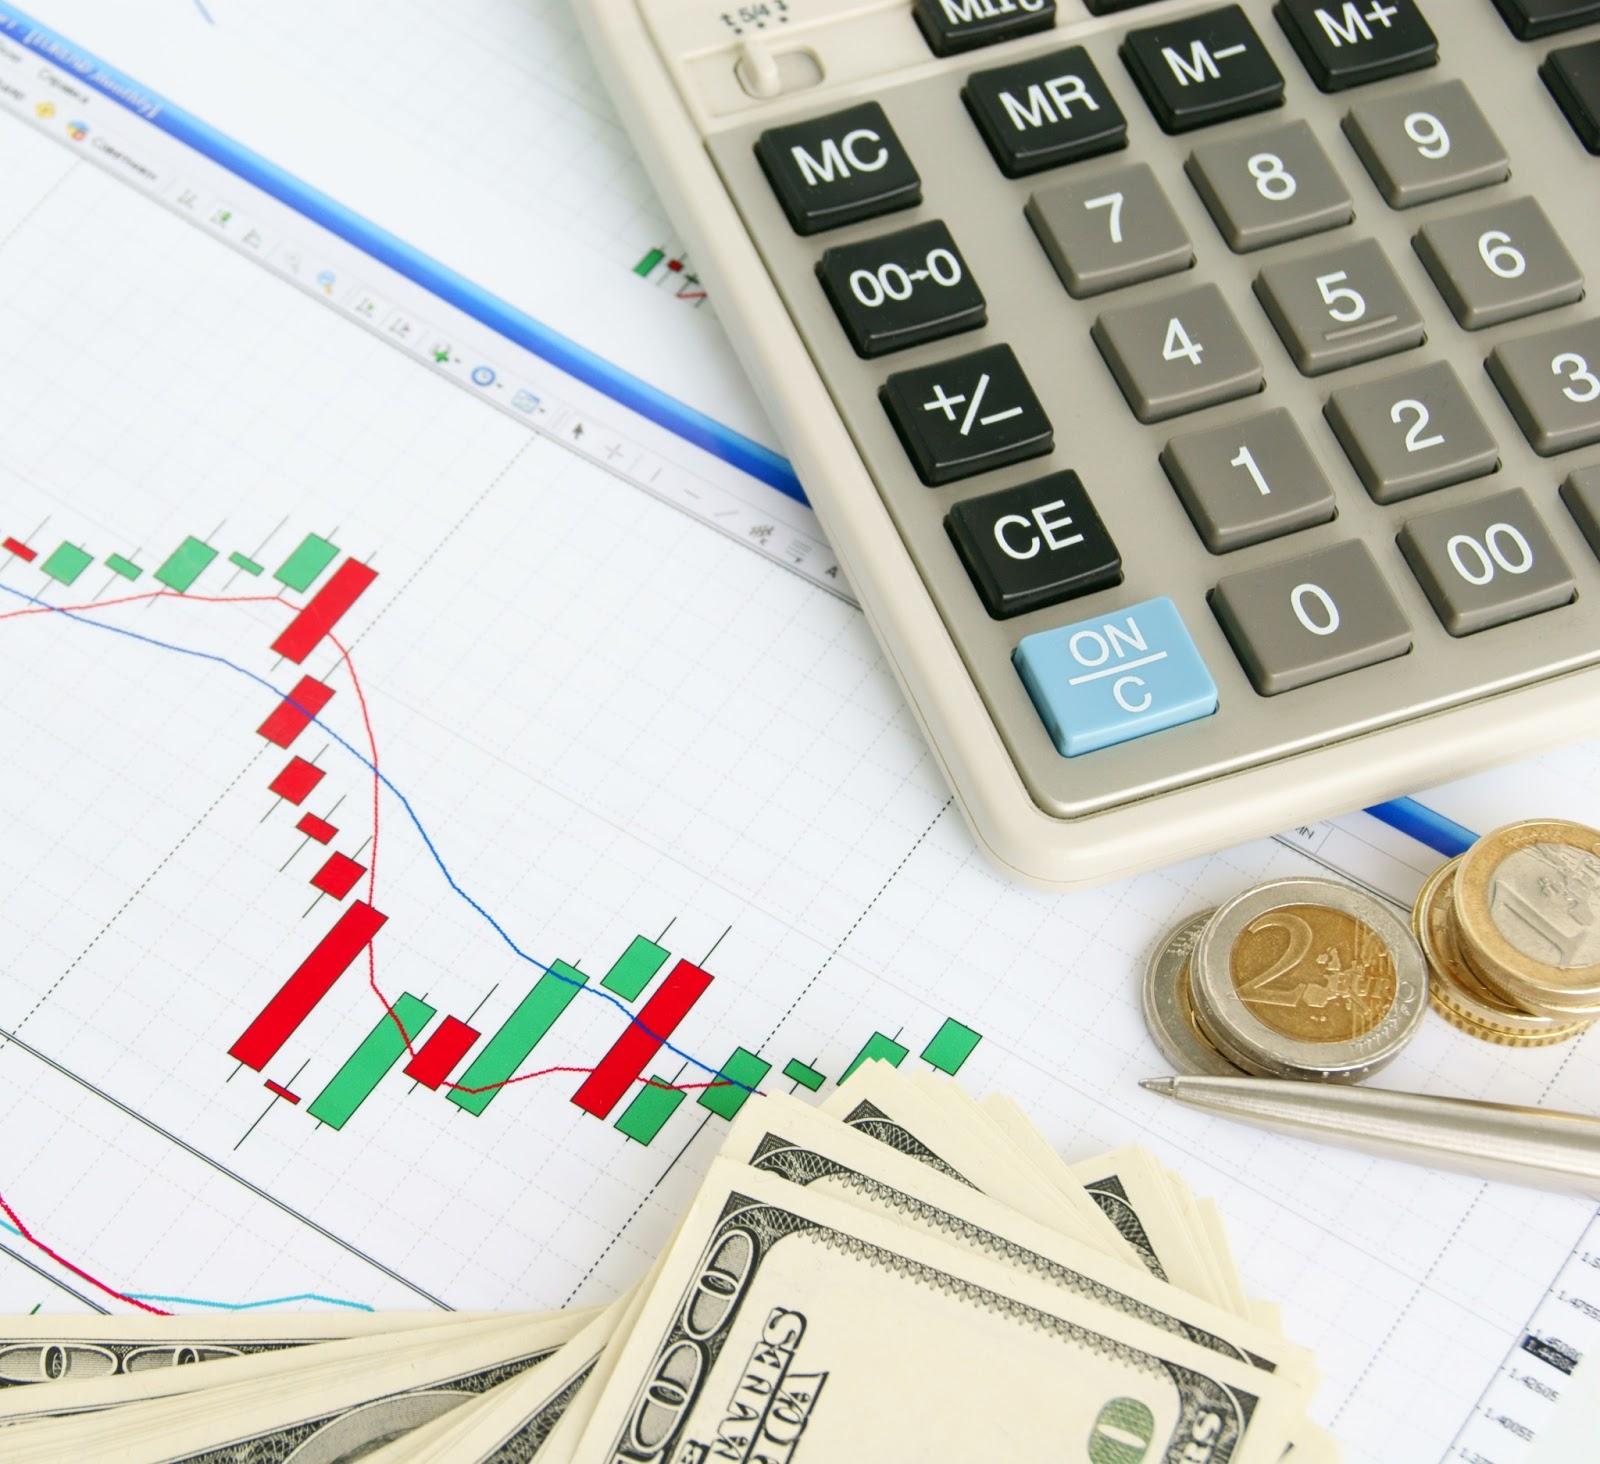 bảo hiểm giá hàng hóa